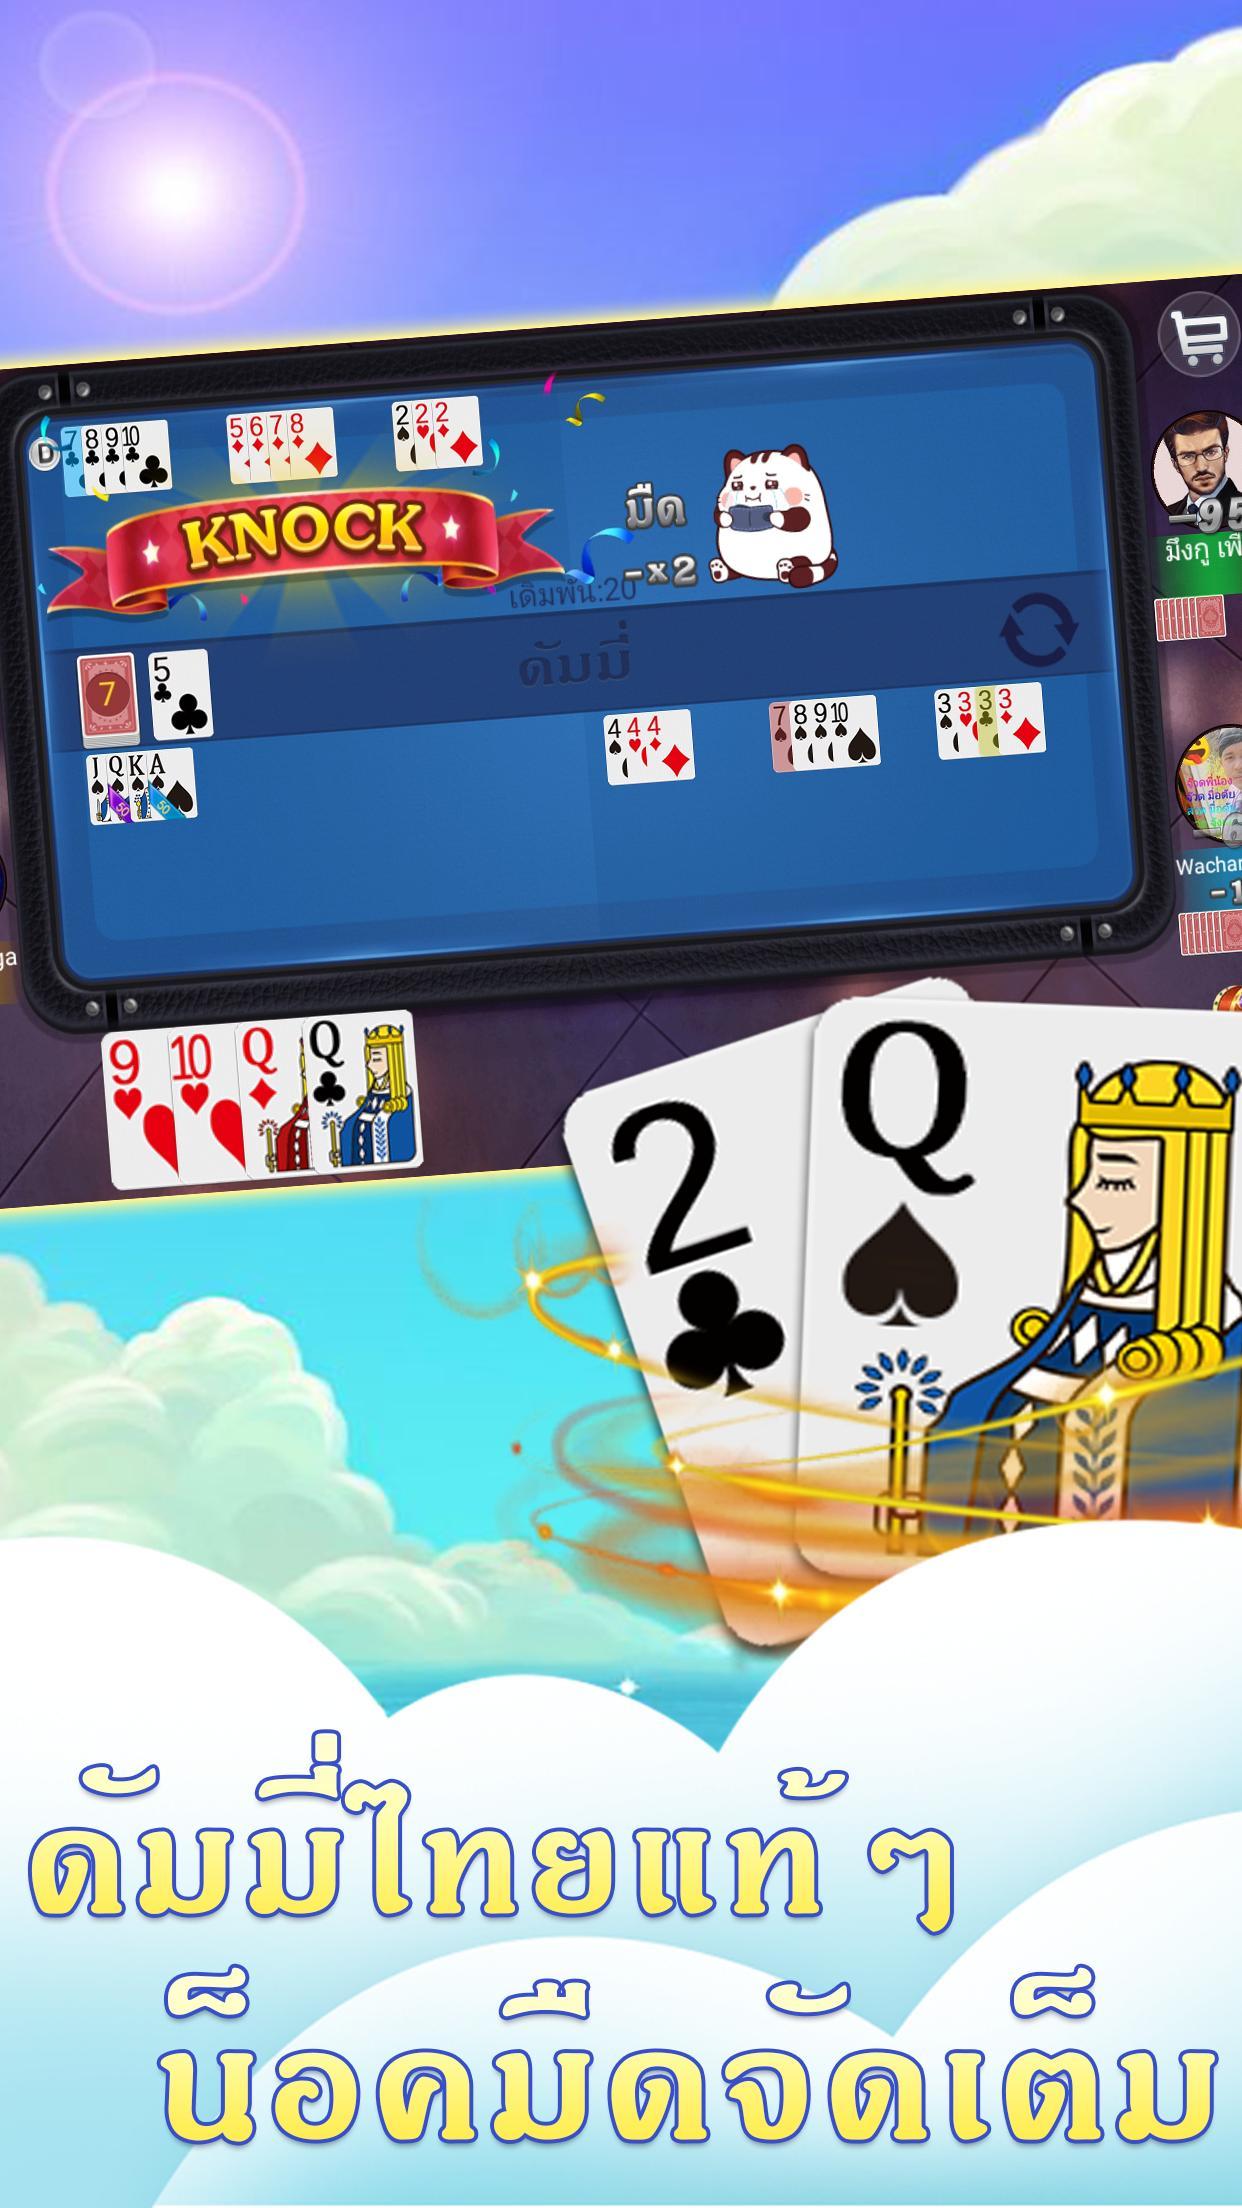 ดัมมี่ไทย Dummy-ไพ่แคง ไฮโล สามกอง 1.0.0.28 Screenshot 4